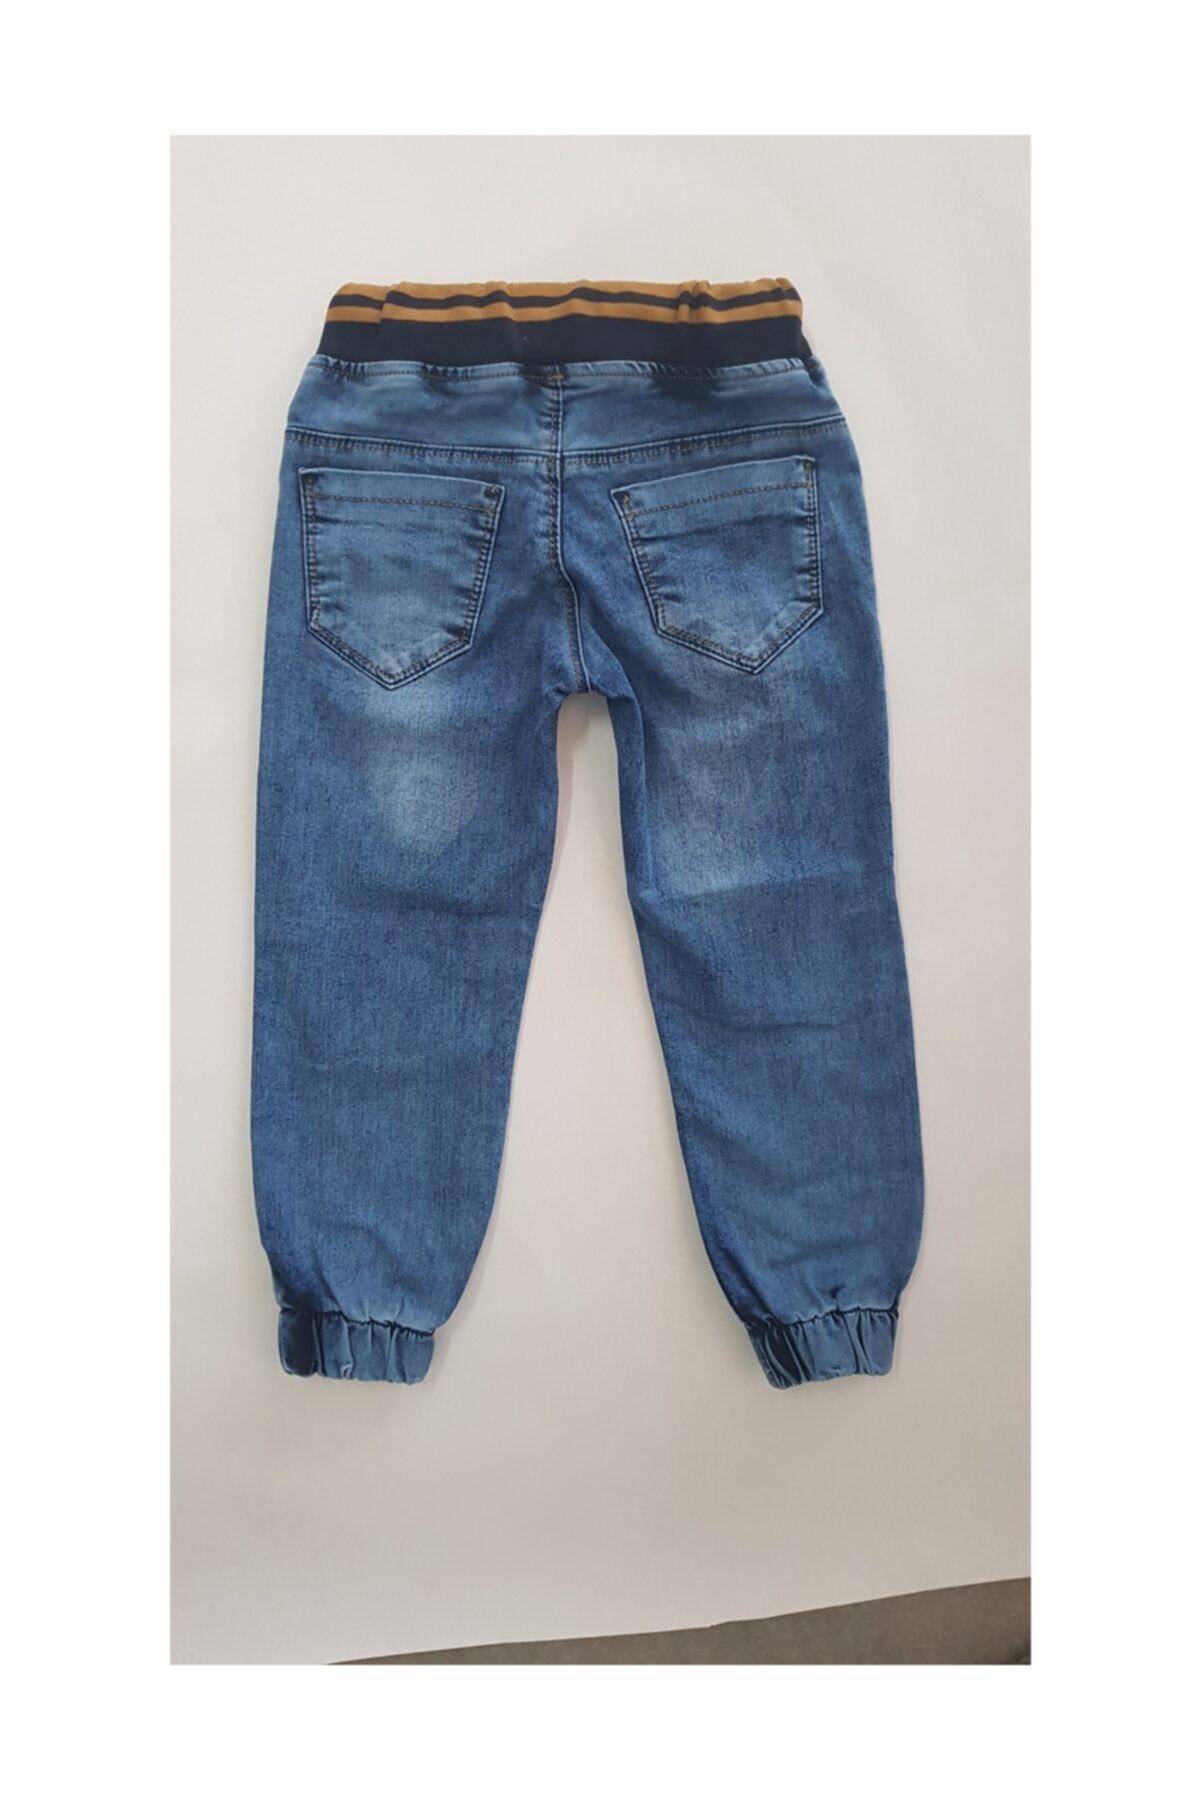 Sercino Erkek Çocuk Pantolonu Jeans Ribanalı 2